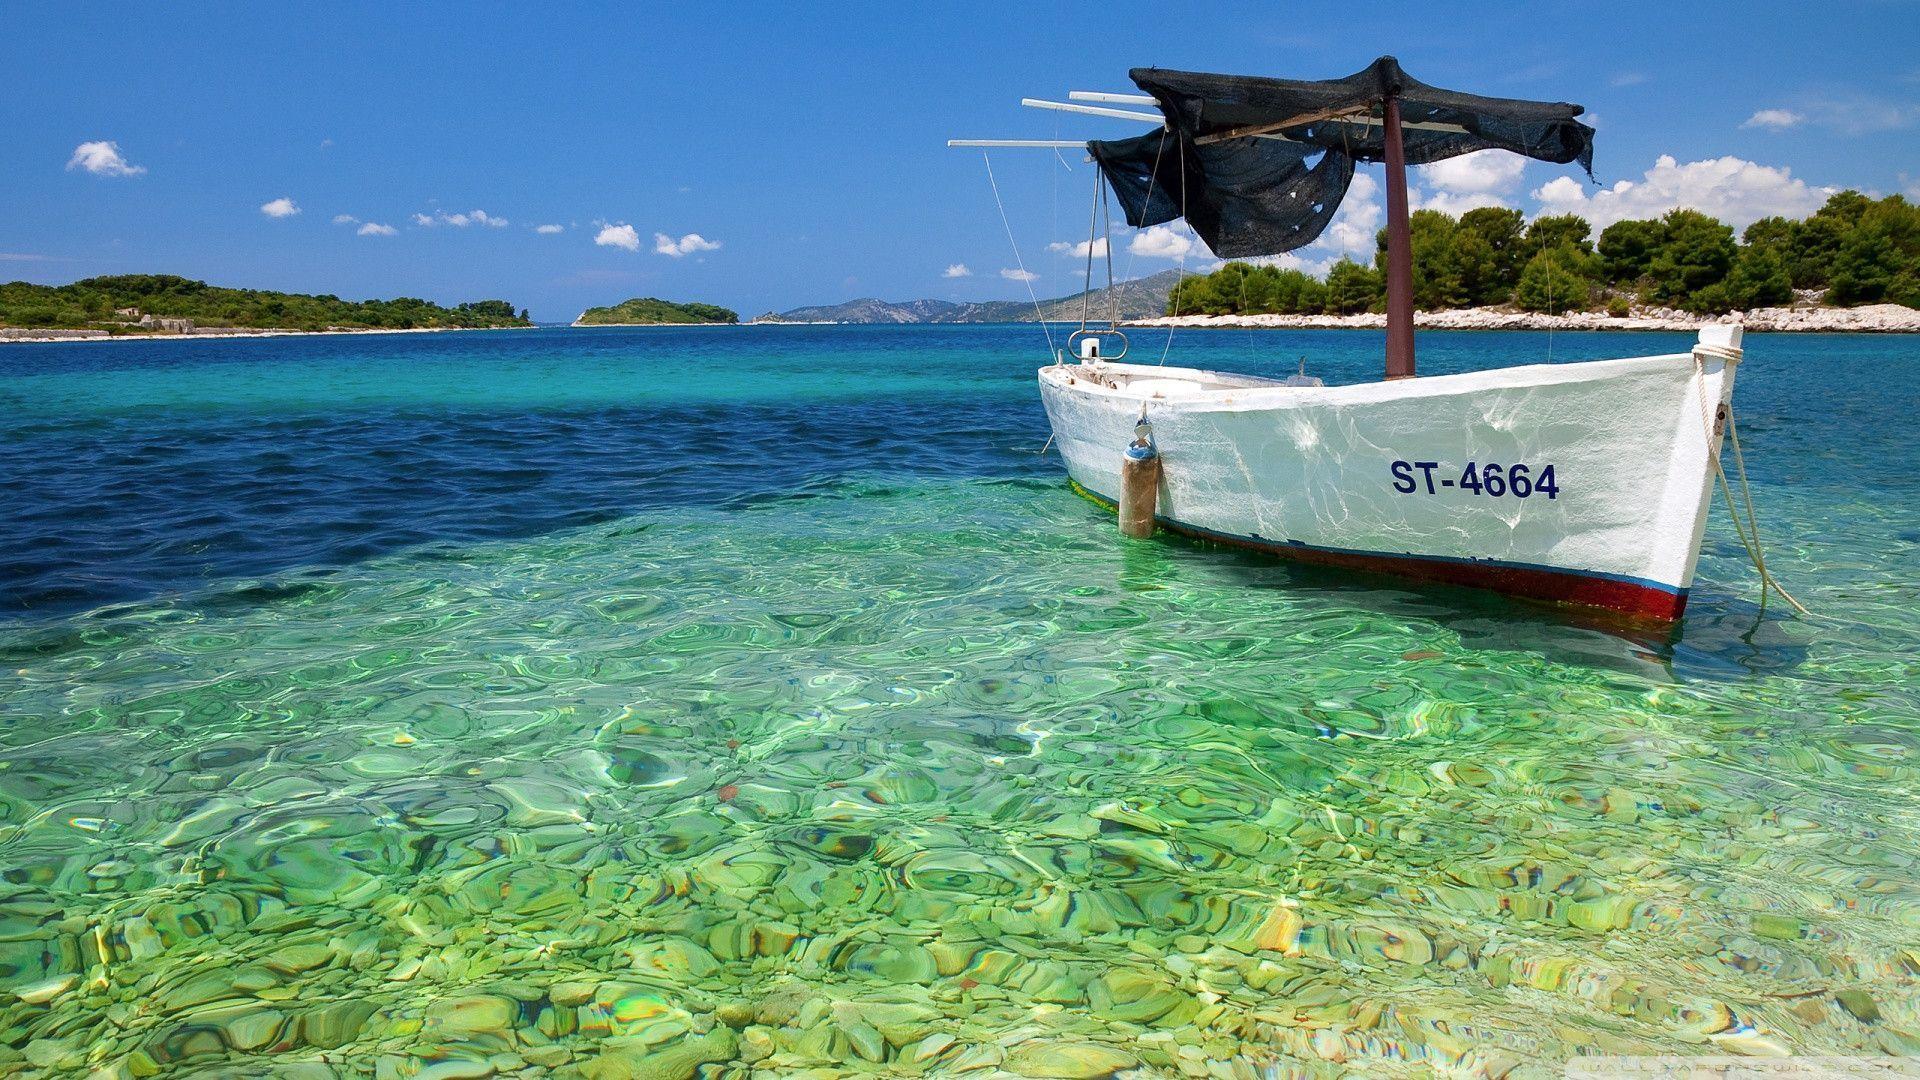 Tropical Beach Desktop Wallpapers Wallpaper - High Resolution Background Summer - HD Wallpaper